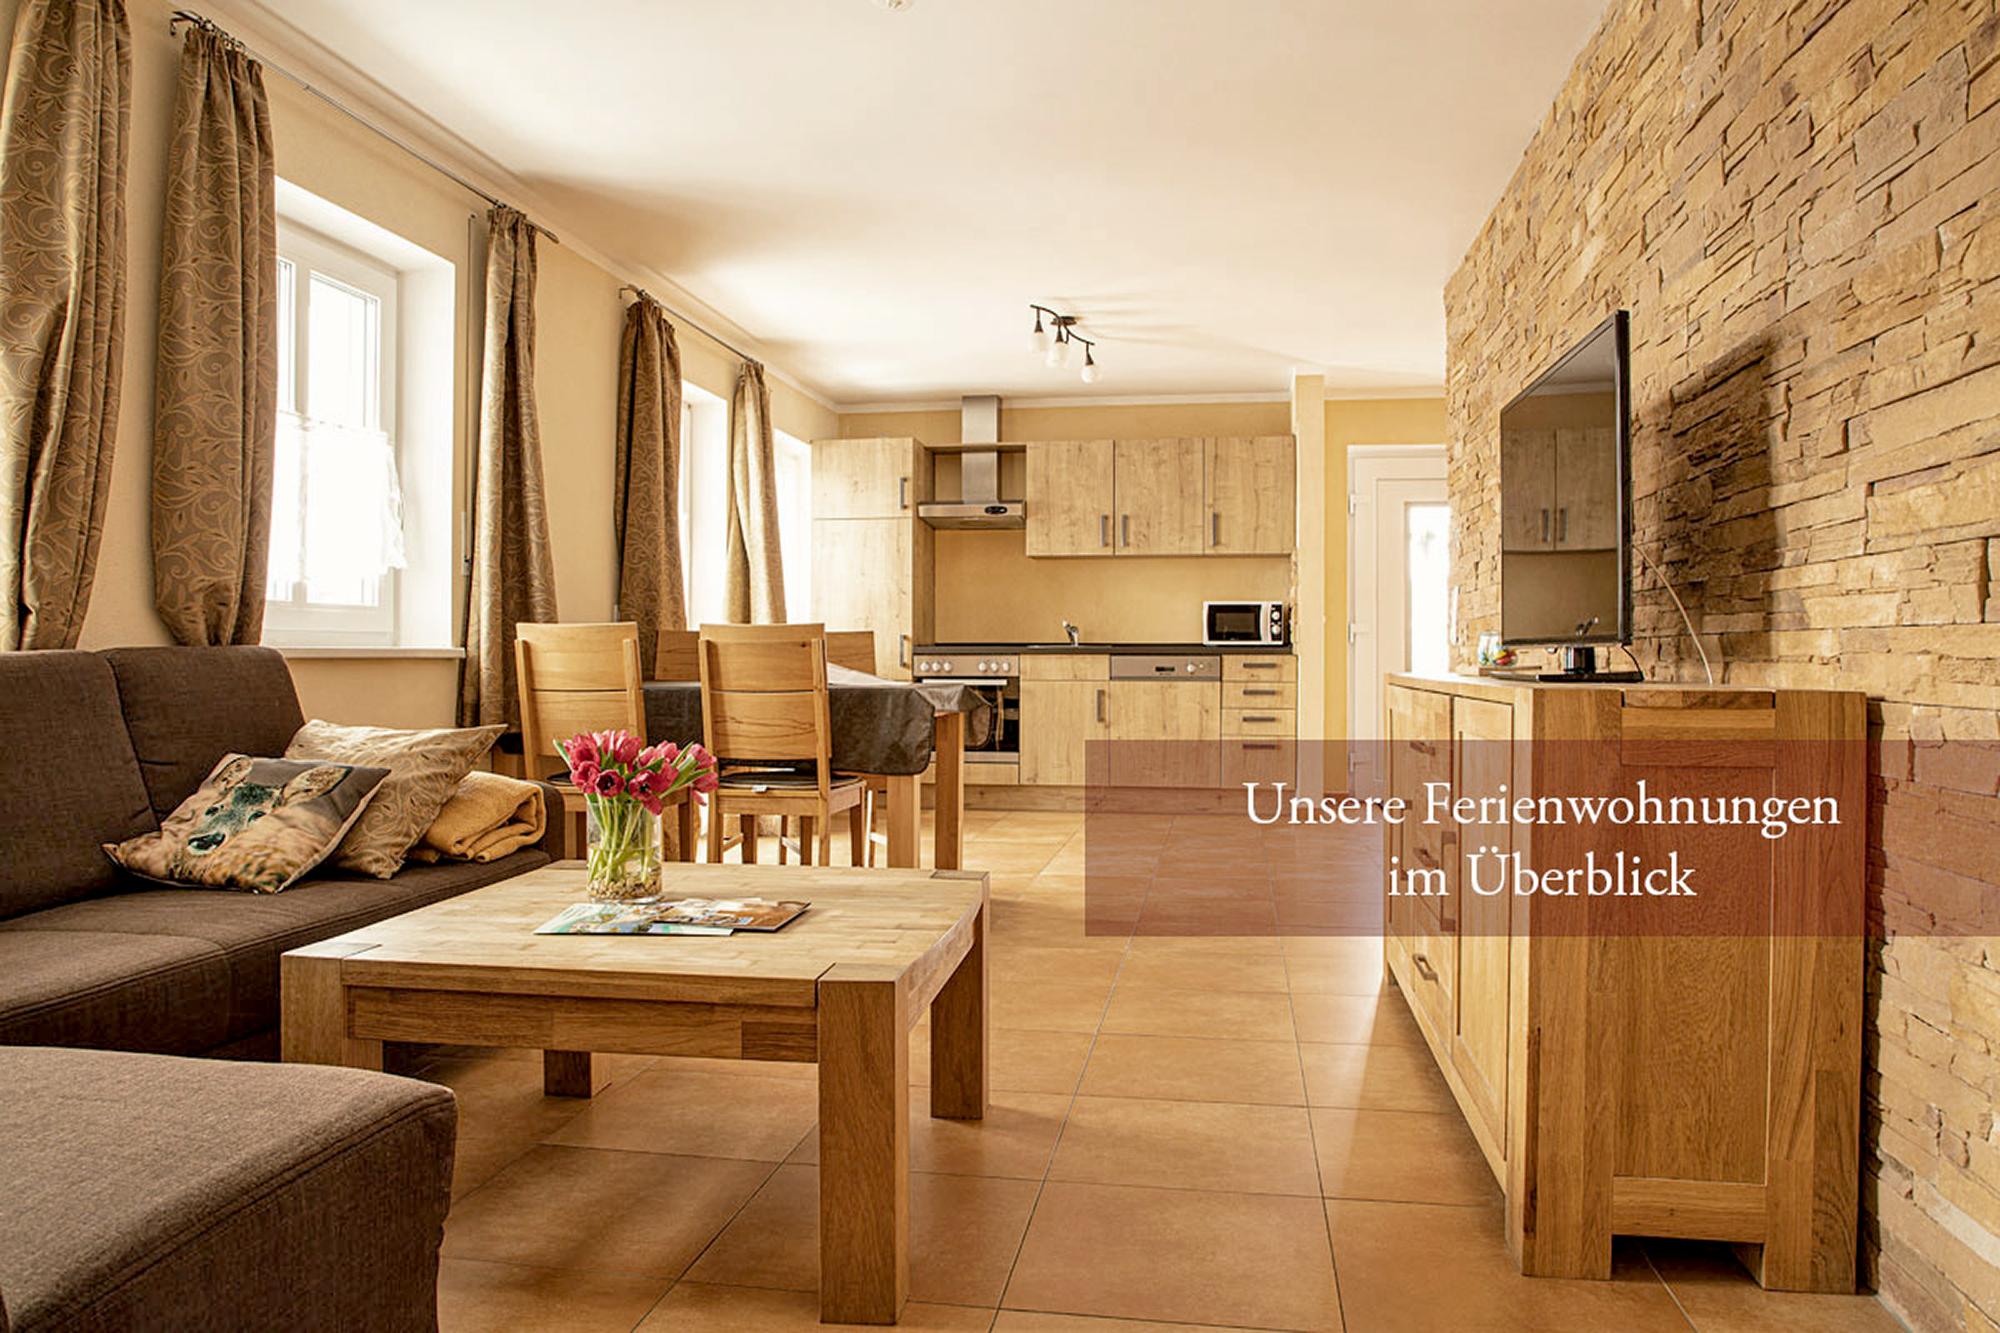 Ferienwohnung mit Couch, tisch, Essecke und Sideboard, sowie eine ausgestattete Kueche, TV und Fenster mit Gardinen